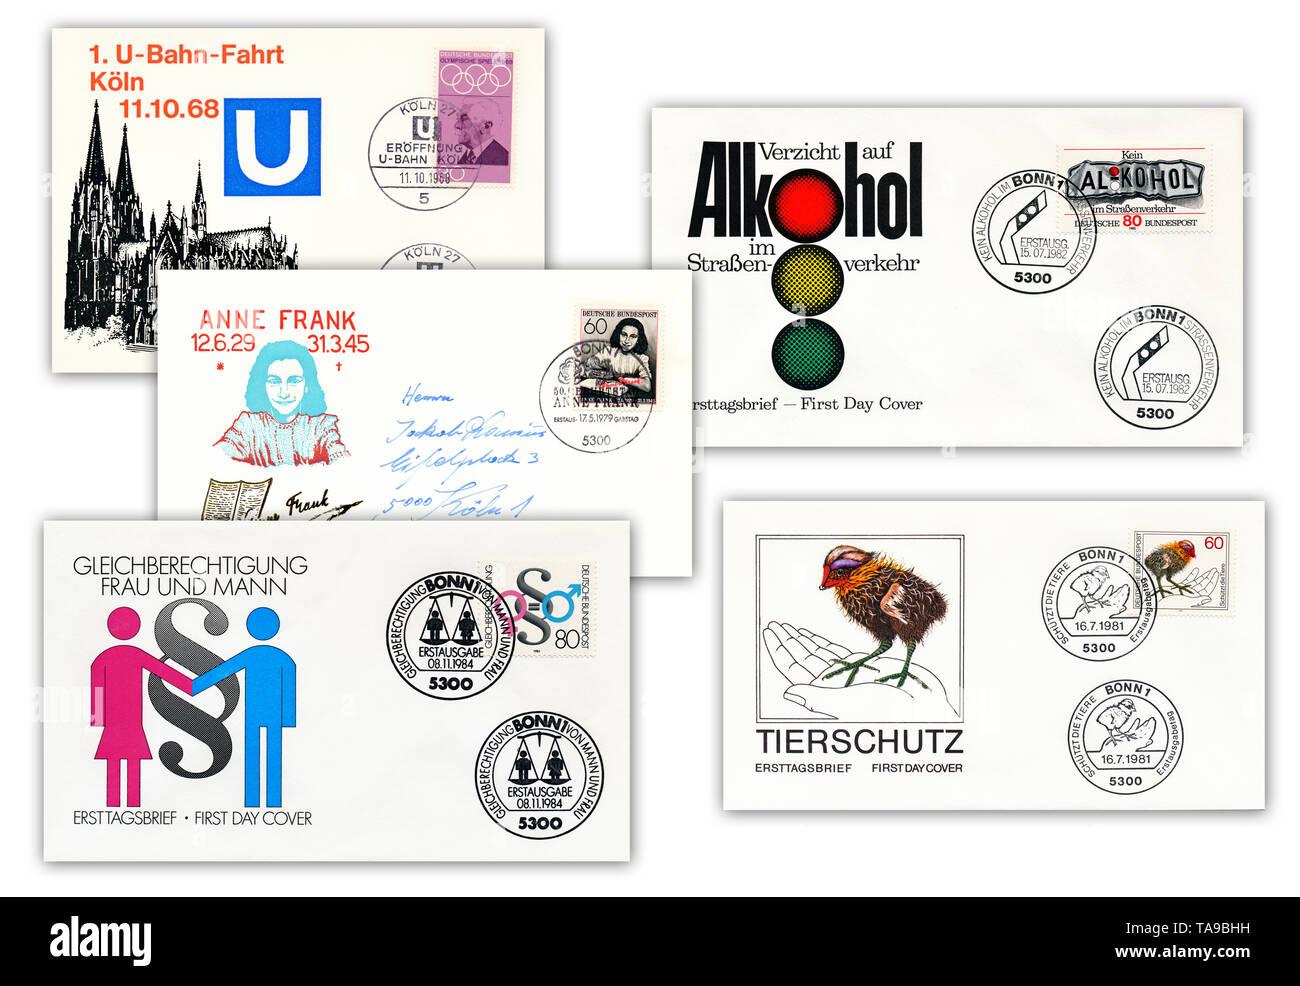 Ersttagsbriefe der Deutschen Bundespost, Deutschland, Europa Stock Photo